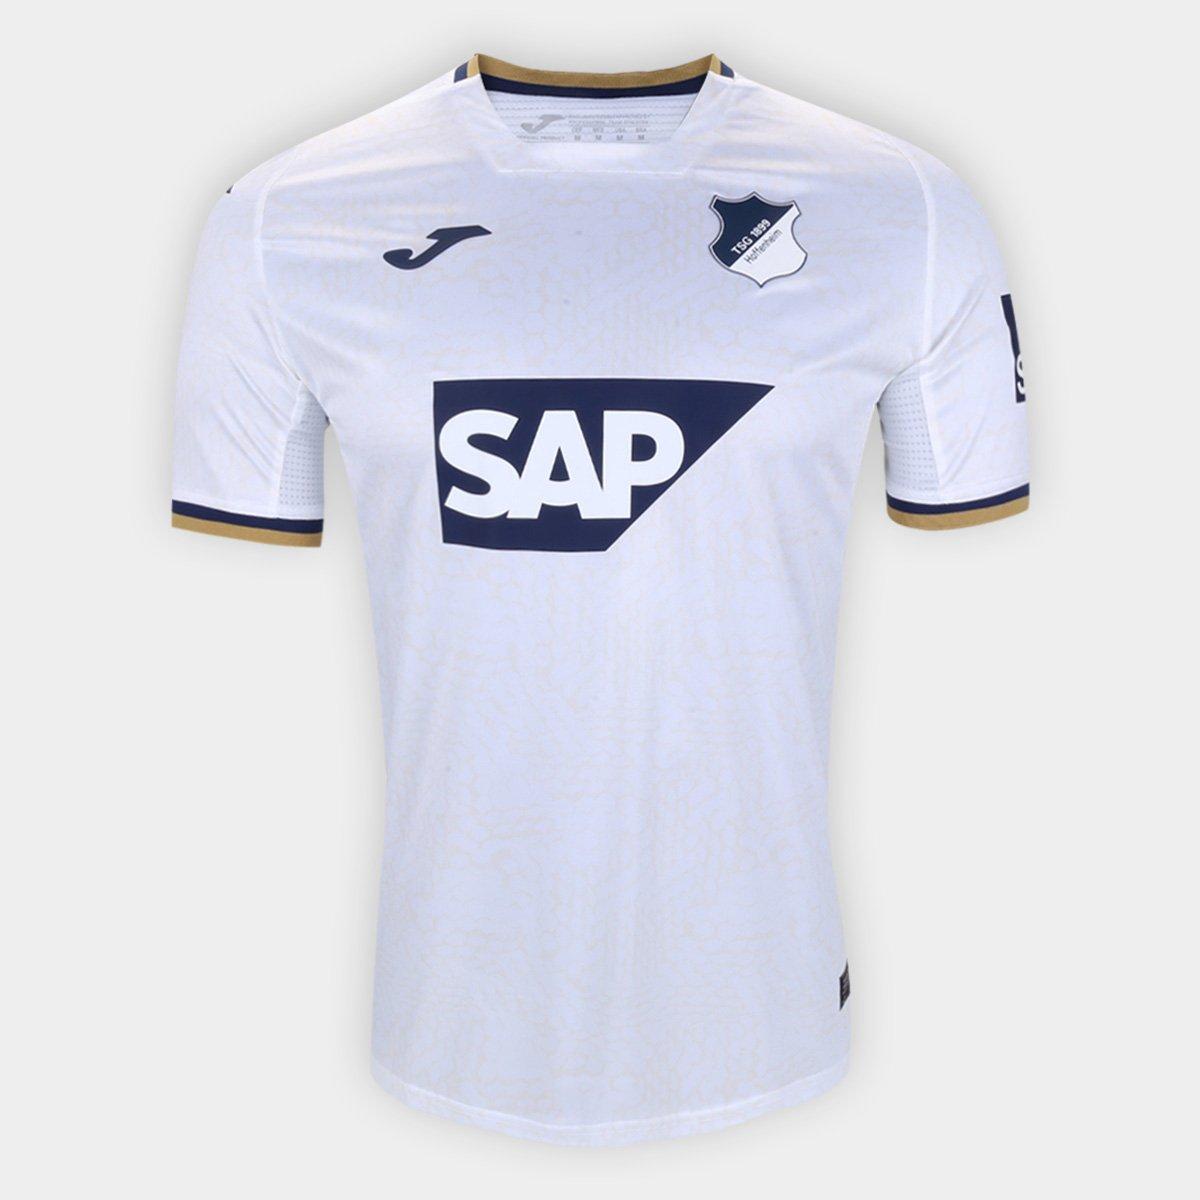 Camisa Hoffenhein Away 20/21 s/n° Torcedor Joma Masculina